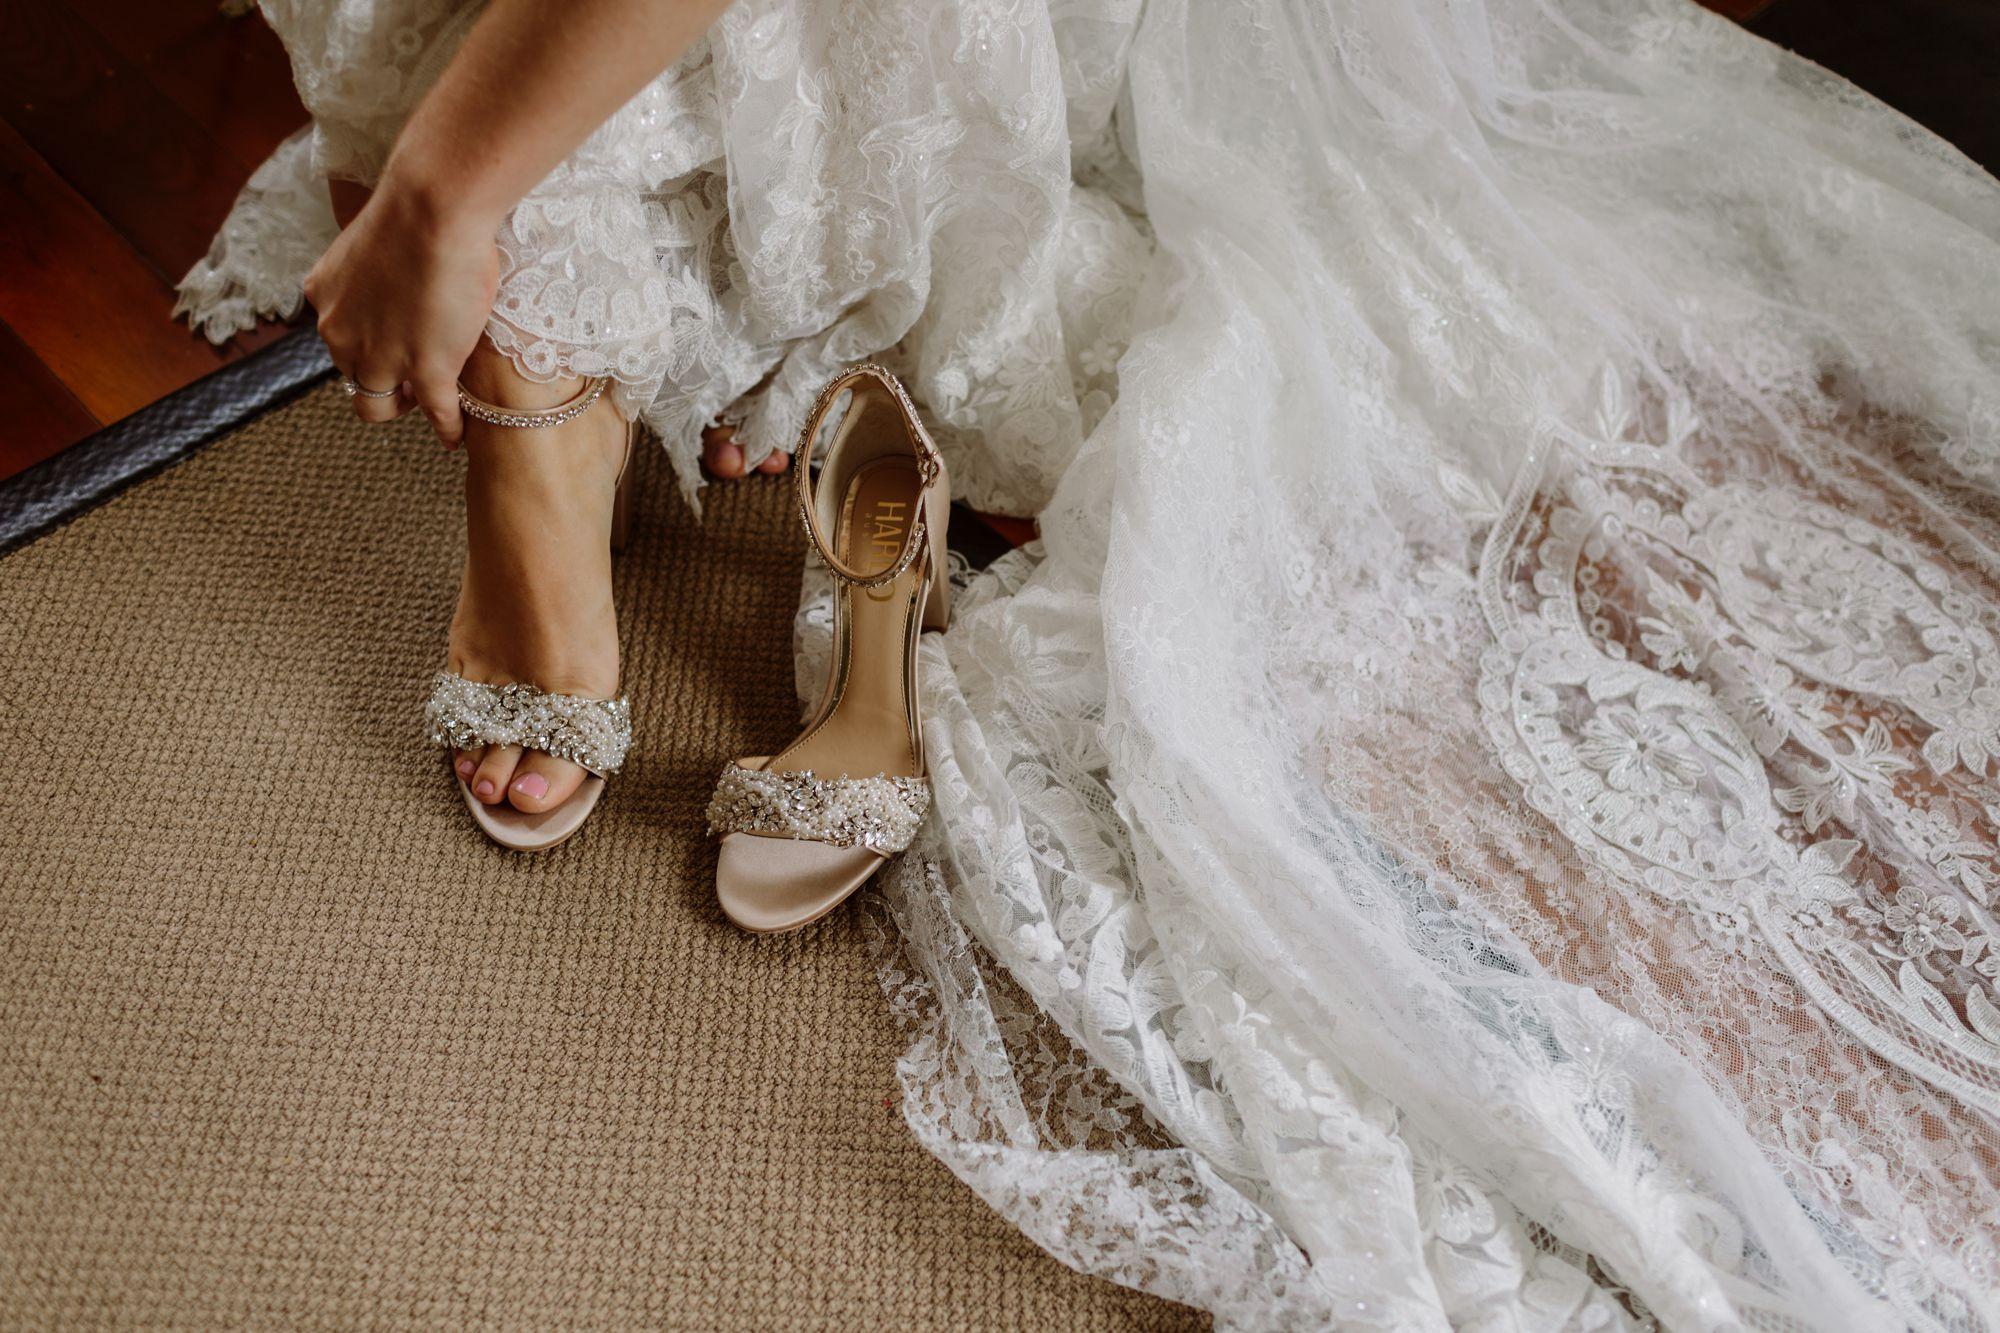 Harlo Wedding Shoes